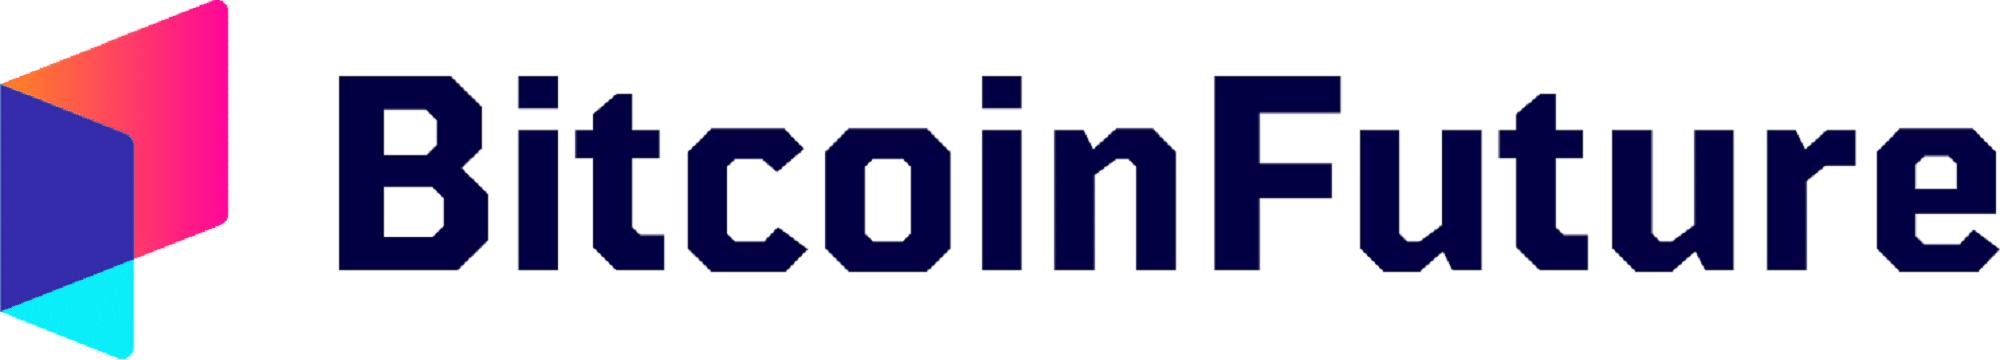 mennyit lehet keresni a bitcoinokon 2020